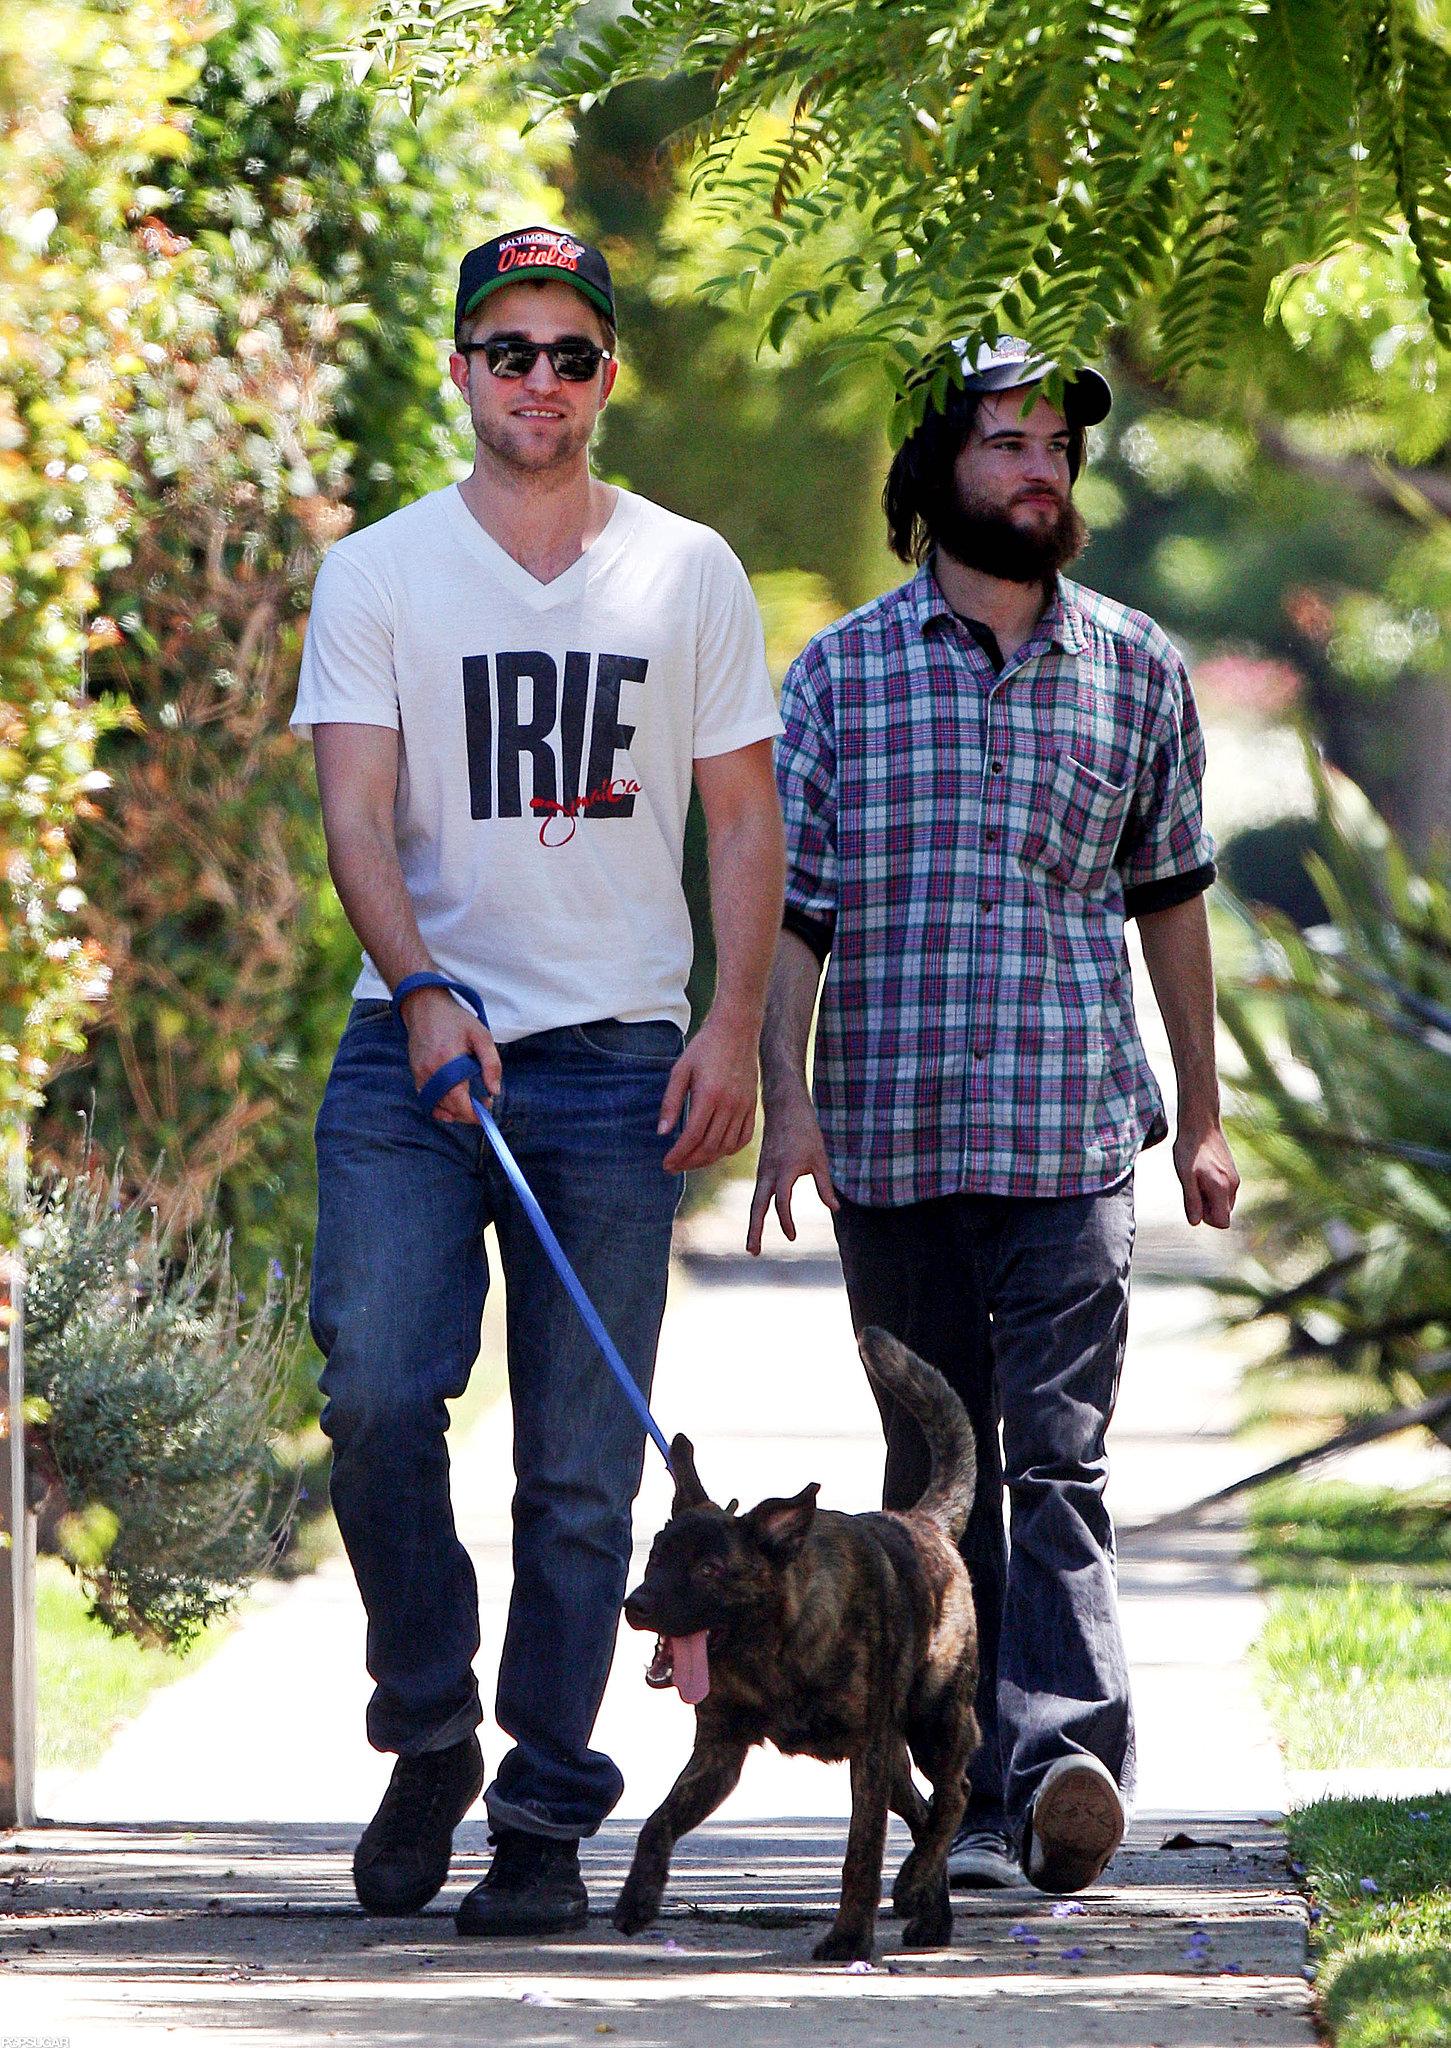 Robert Pattinson and Tom Sturridge